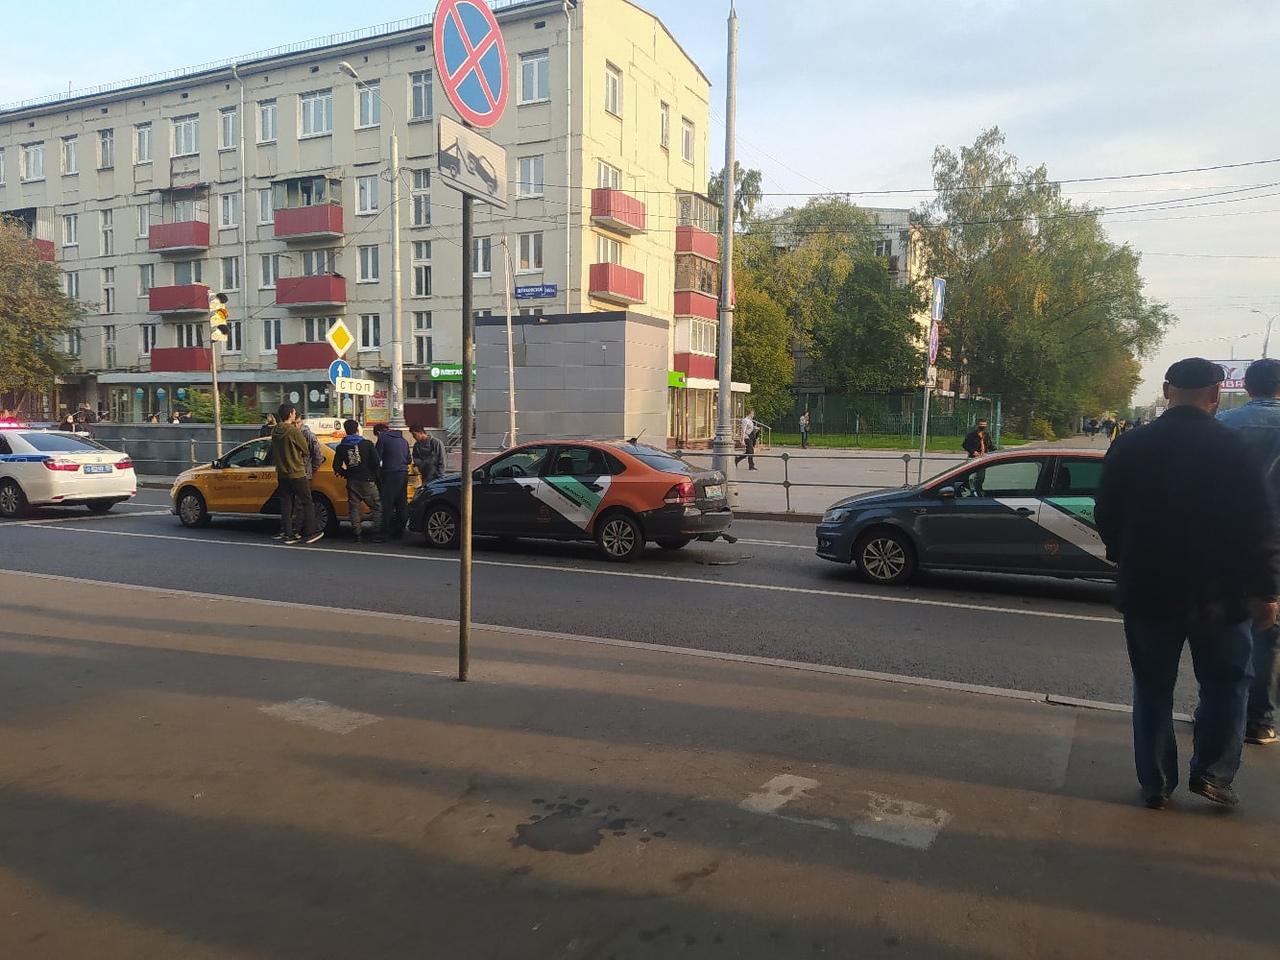 Сегодня на Щёлковском шоссе в сторону области напротив автовокзала. В этом фото всё прекрасно: два Д...